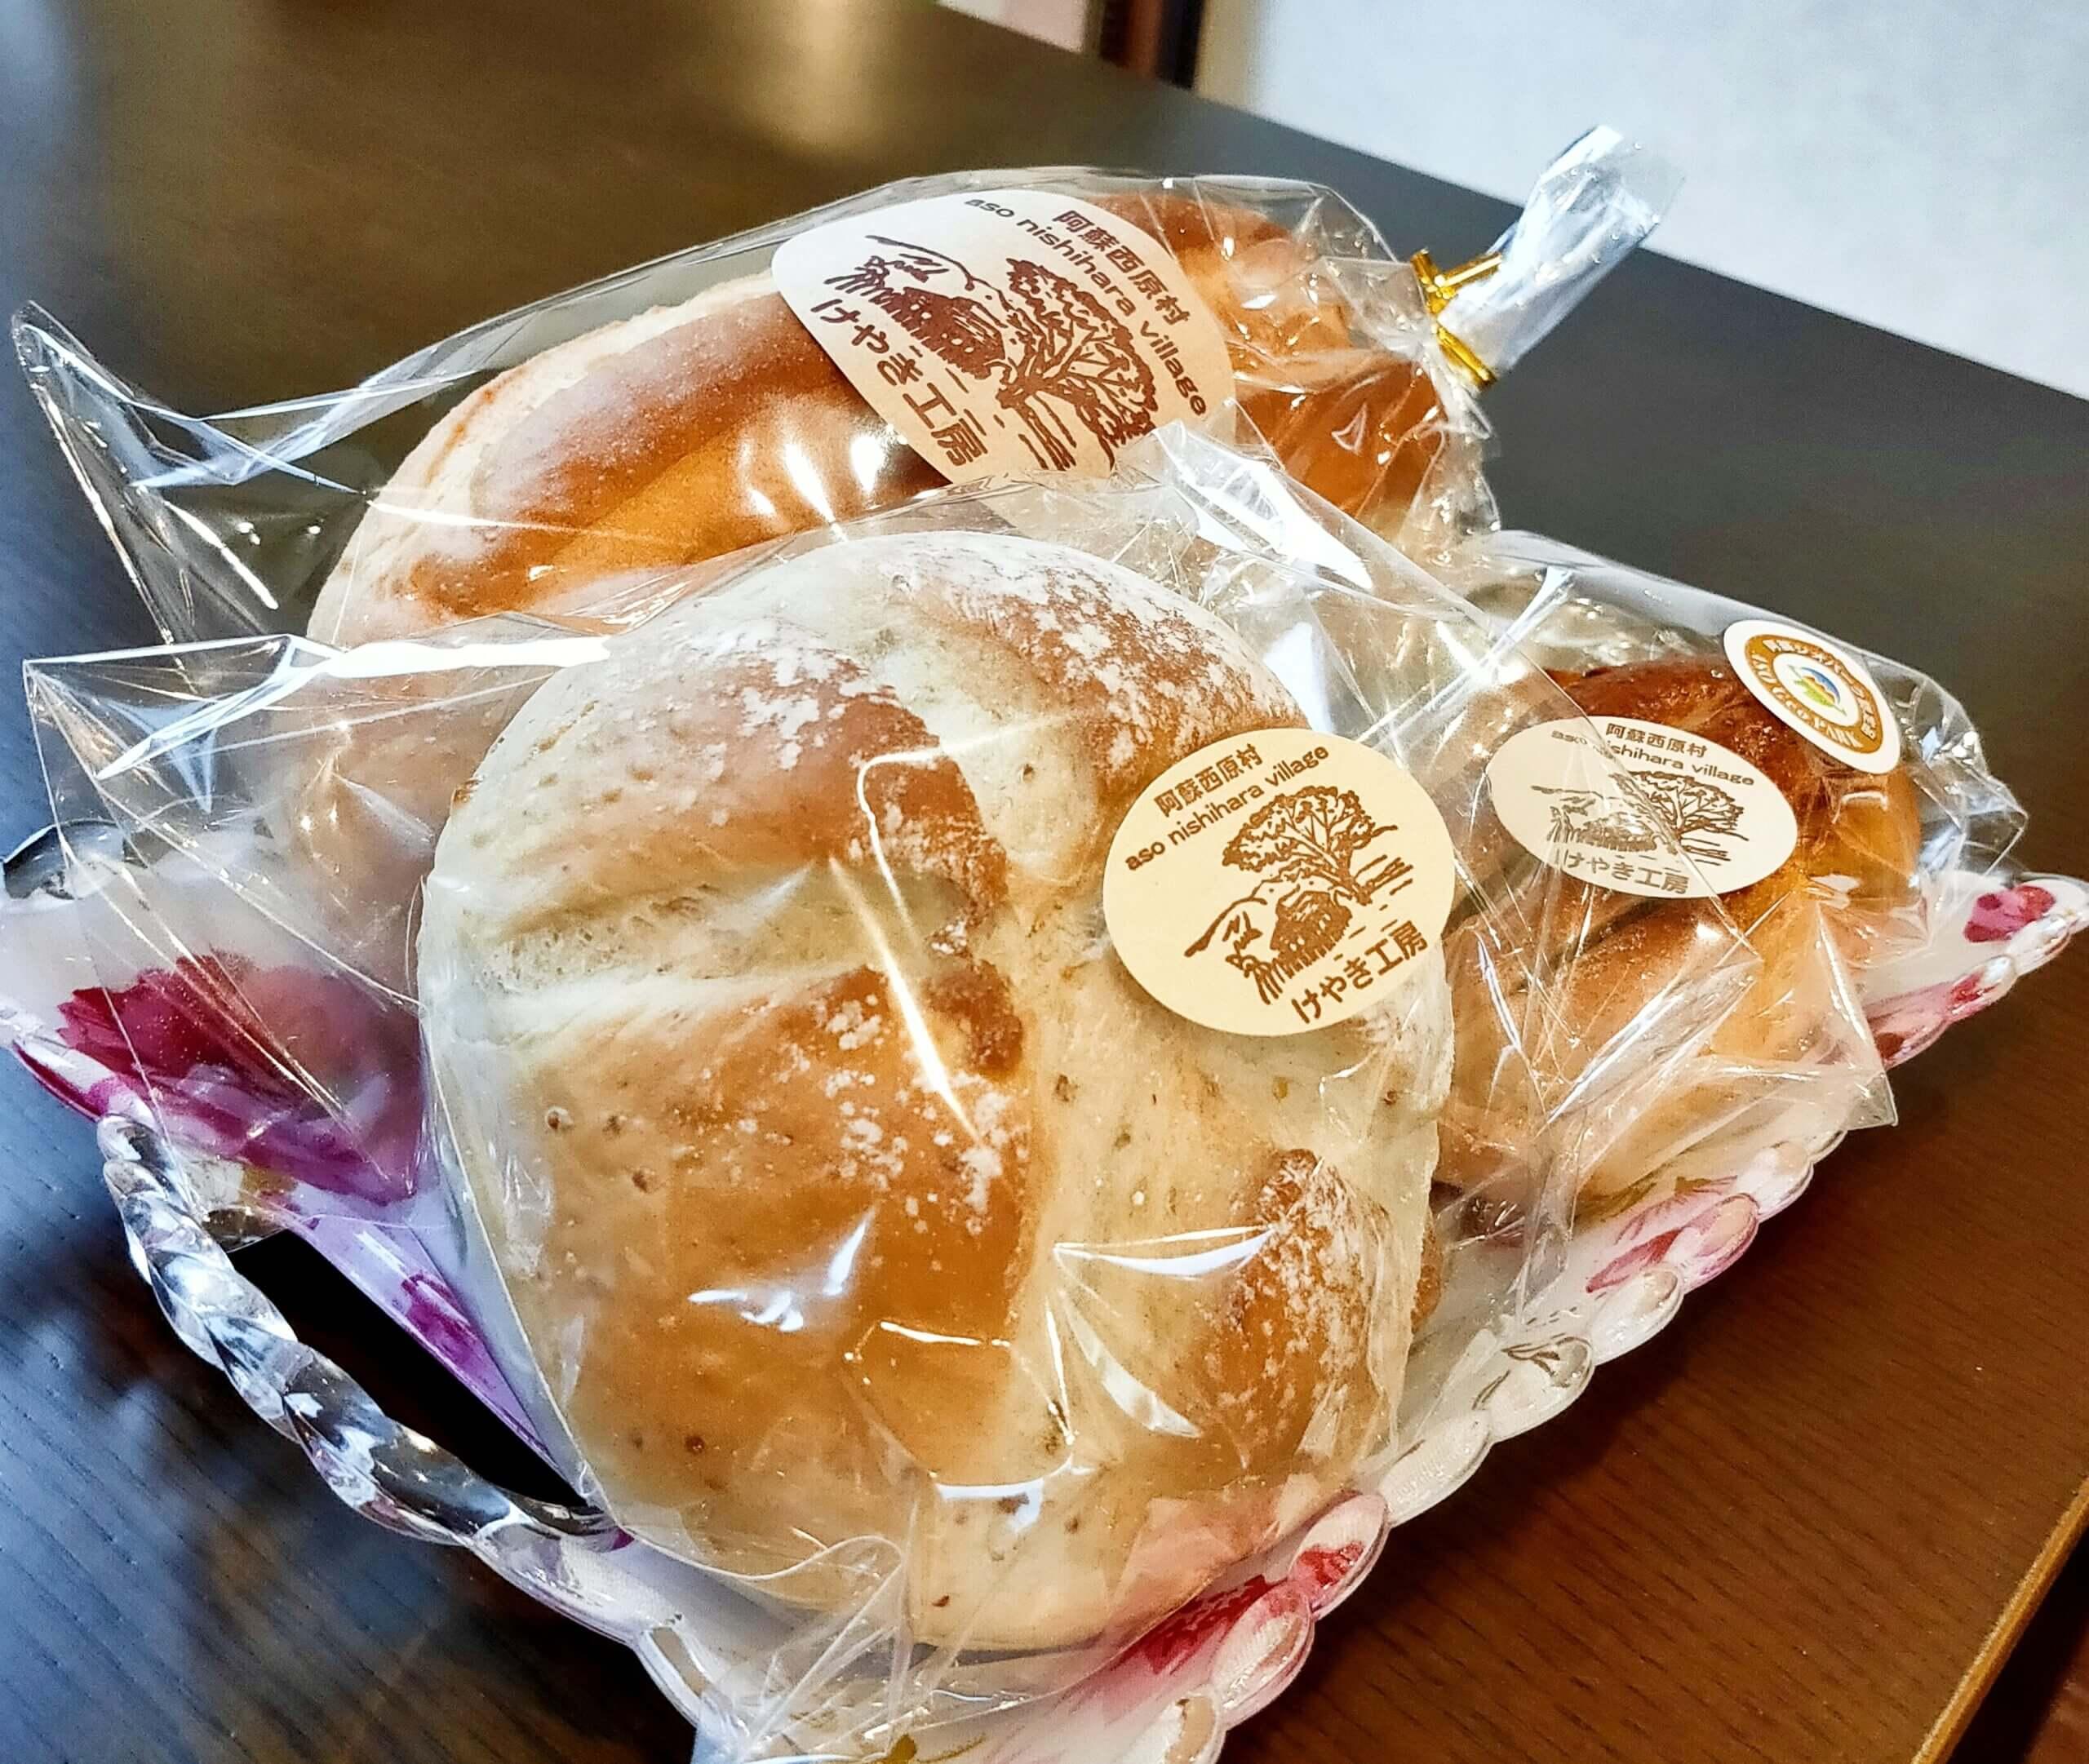 【けやき工房】3月に移転オープン♪ロングセラーの味パン、まるごとお芋パンがオススメ!《阿蘇郡西原村》